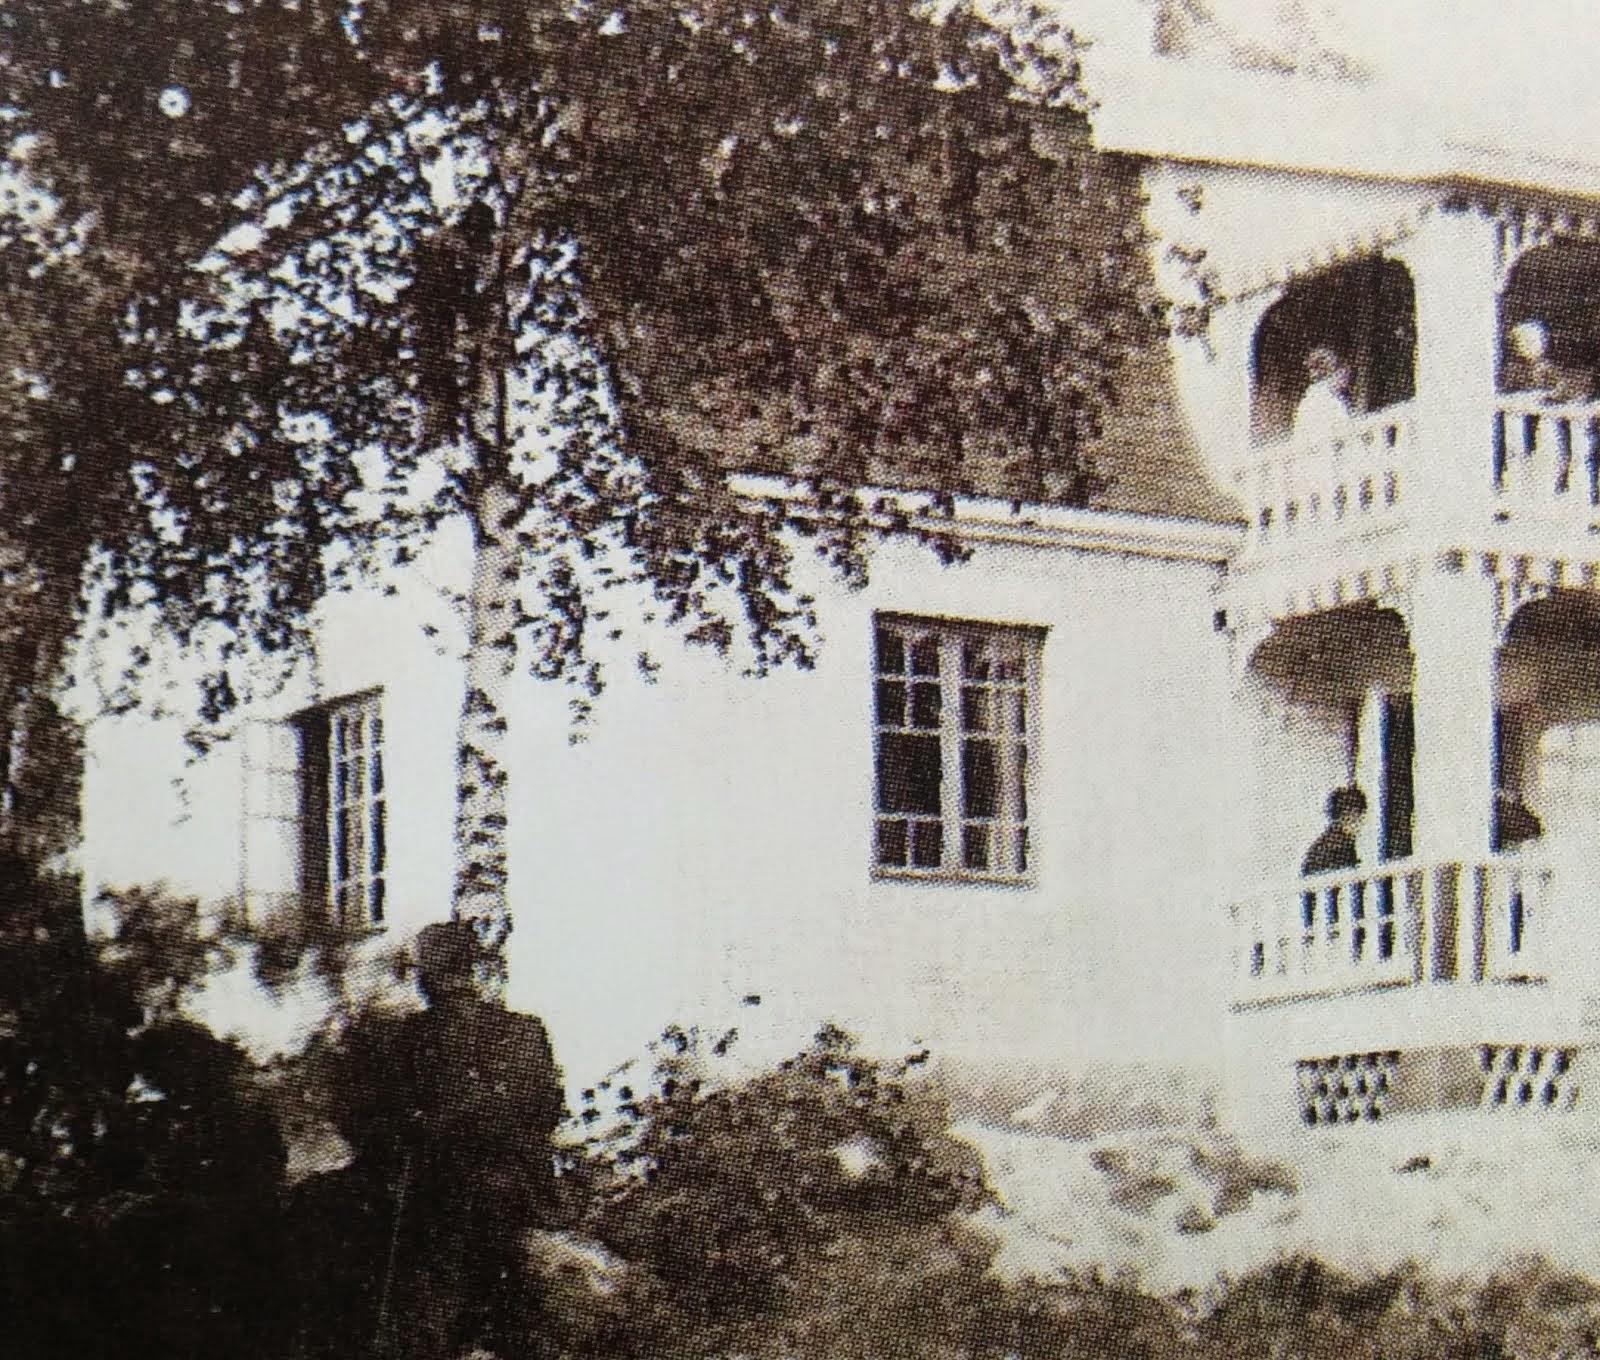 Vasikkasaaren pensionaatin päärakennus vuonna 1920